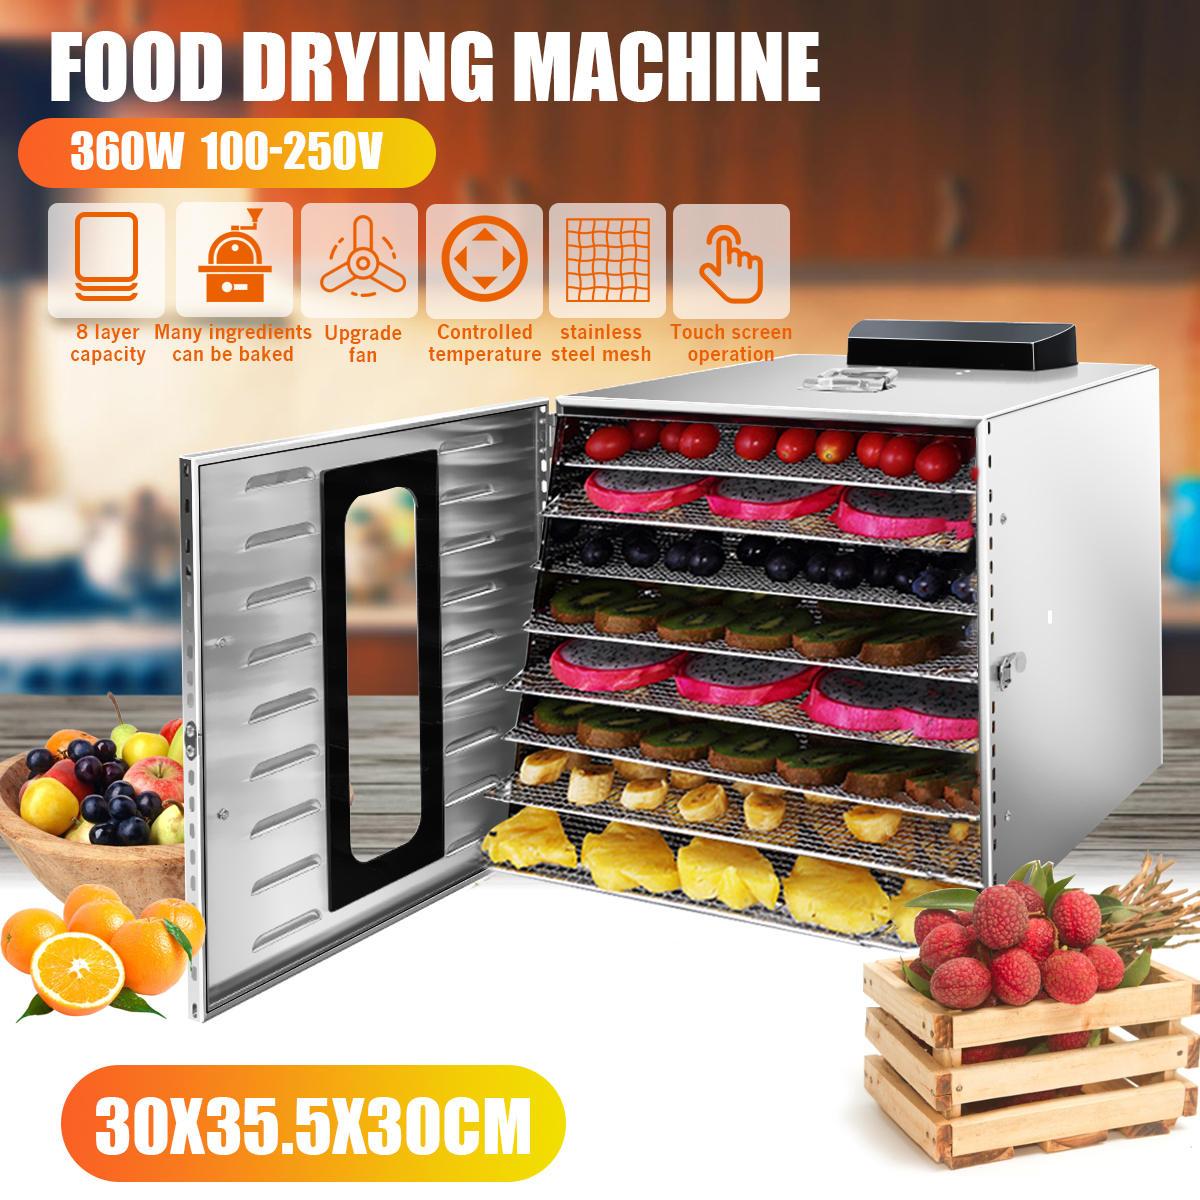 8 слоев Коммерческая профессиональная сушилка для фруктовых продуктов из нержавеющей стали, электрическая сушилка для фруктов и овощей